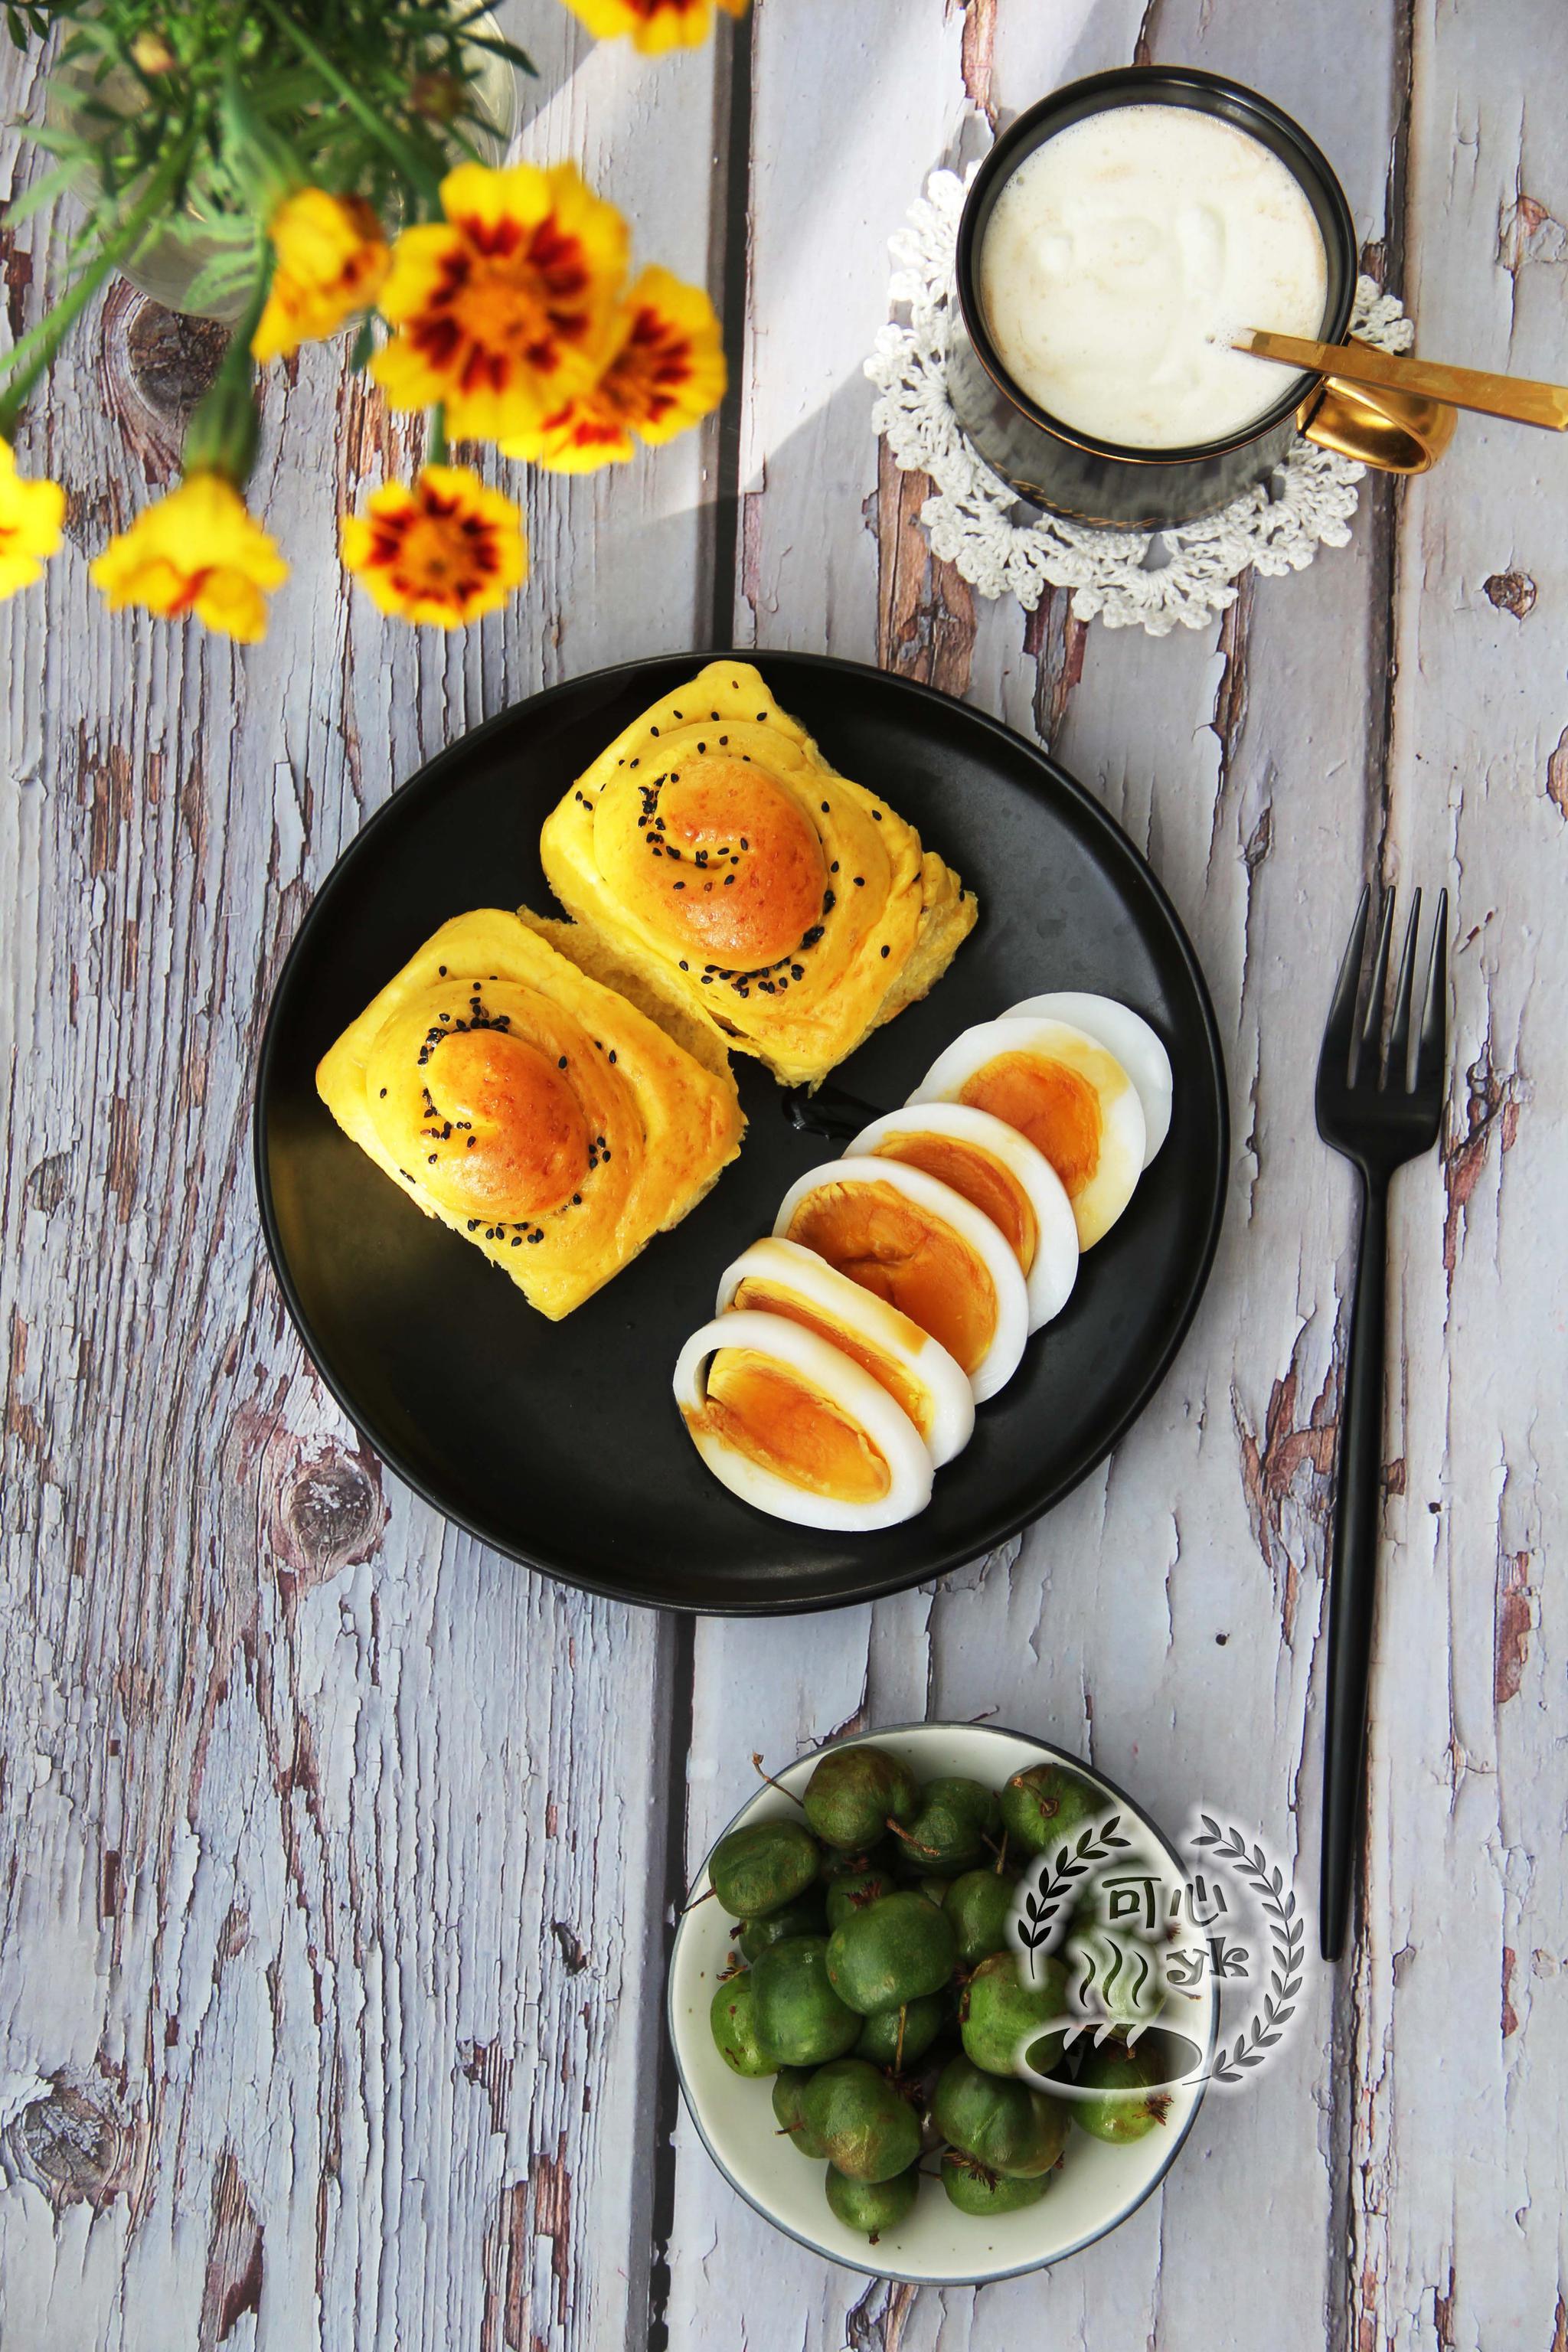 早餐:南瓜全麦黑芝麻面包卷、鹅蛋、野生小弥猴桃、淡奶油咖啡。